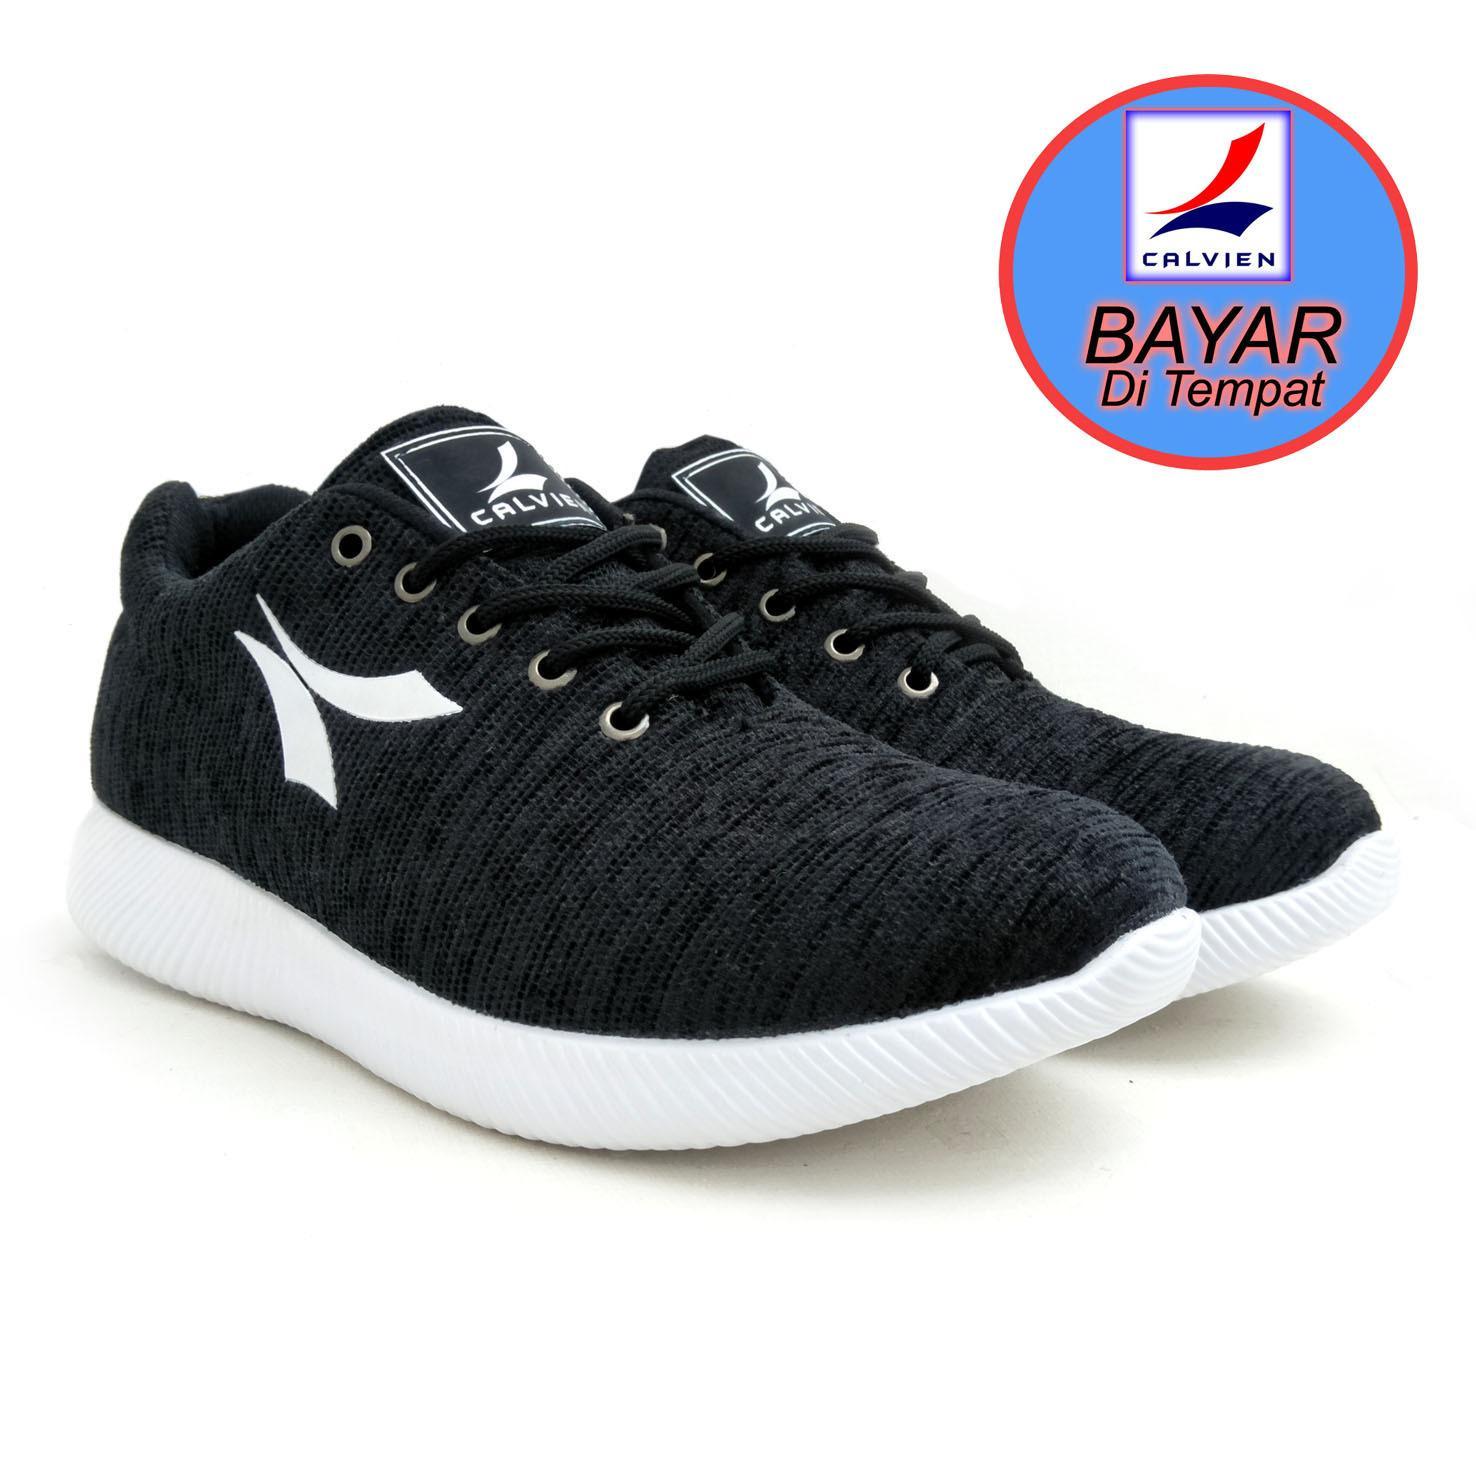 Daftar Harga Calvien Sepatu Pria Sneakers Sepatu Pria Kets Sepatu Olah Raga Sepatu Kasual Kode Cl 03 Calvien